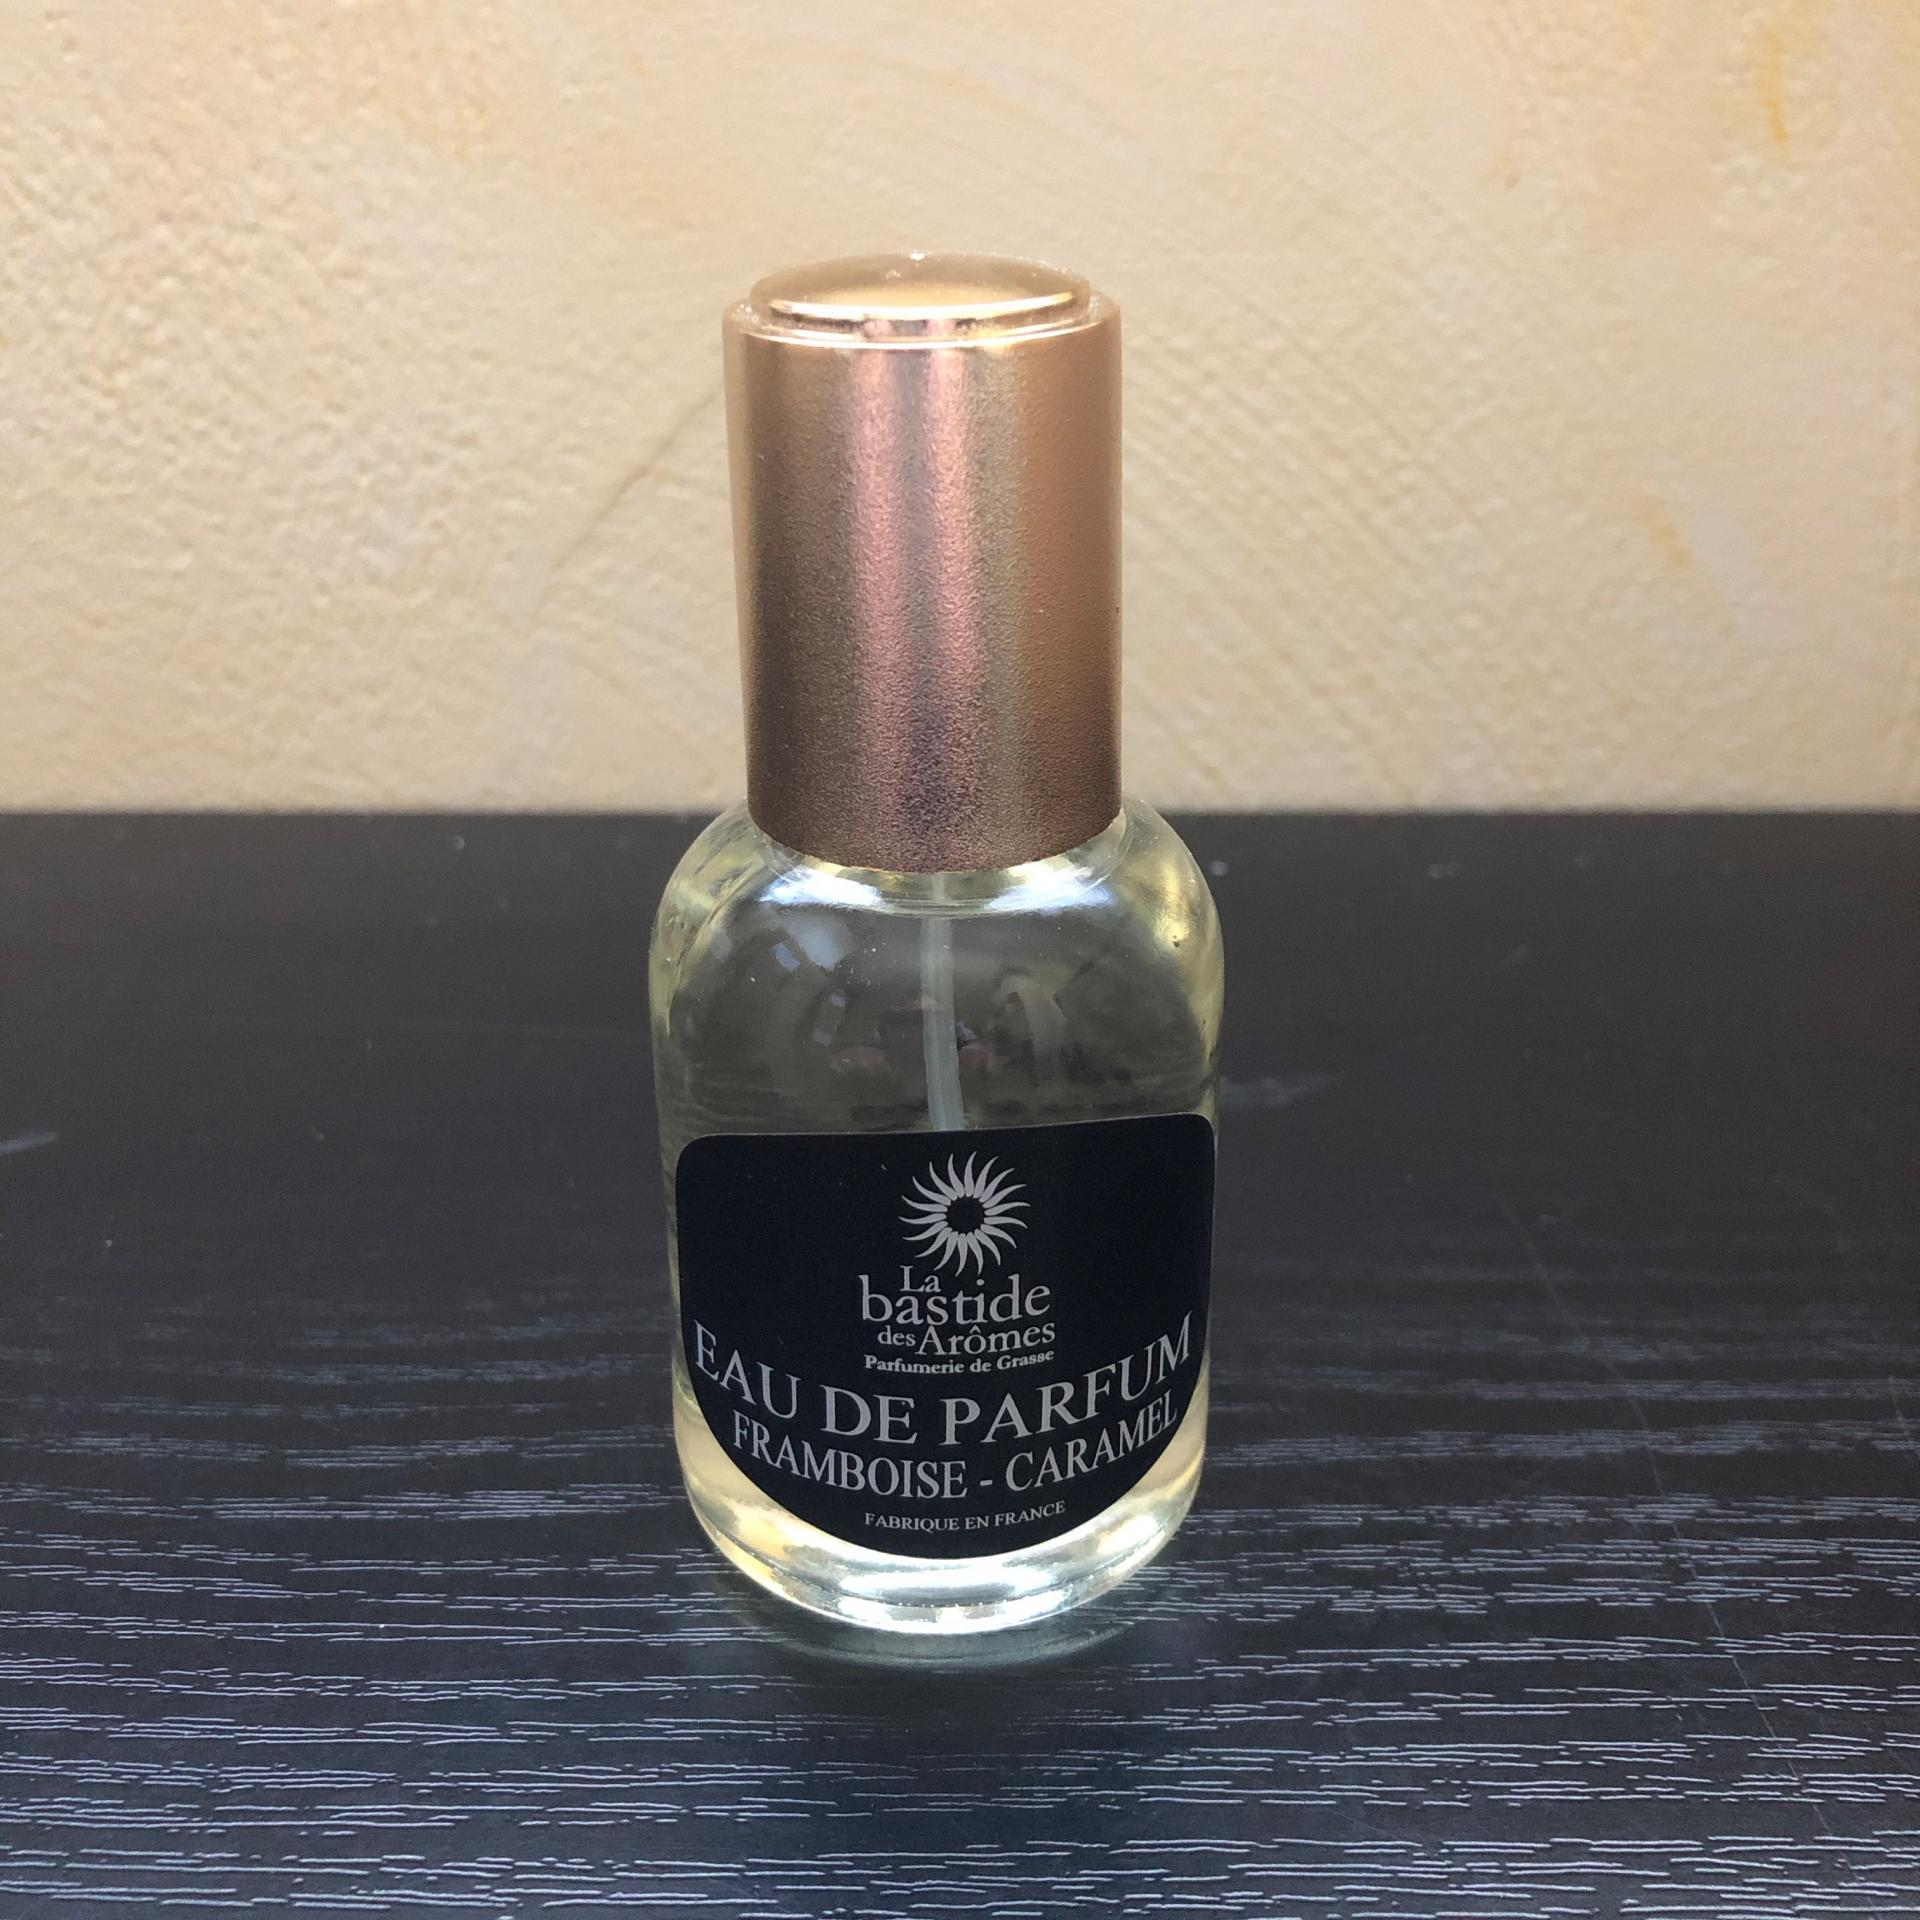 Eau de parfum 50 ml franboise caramel